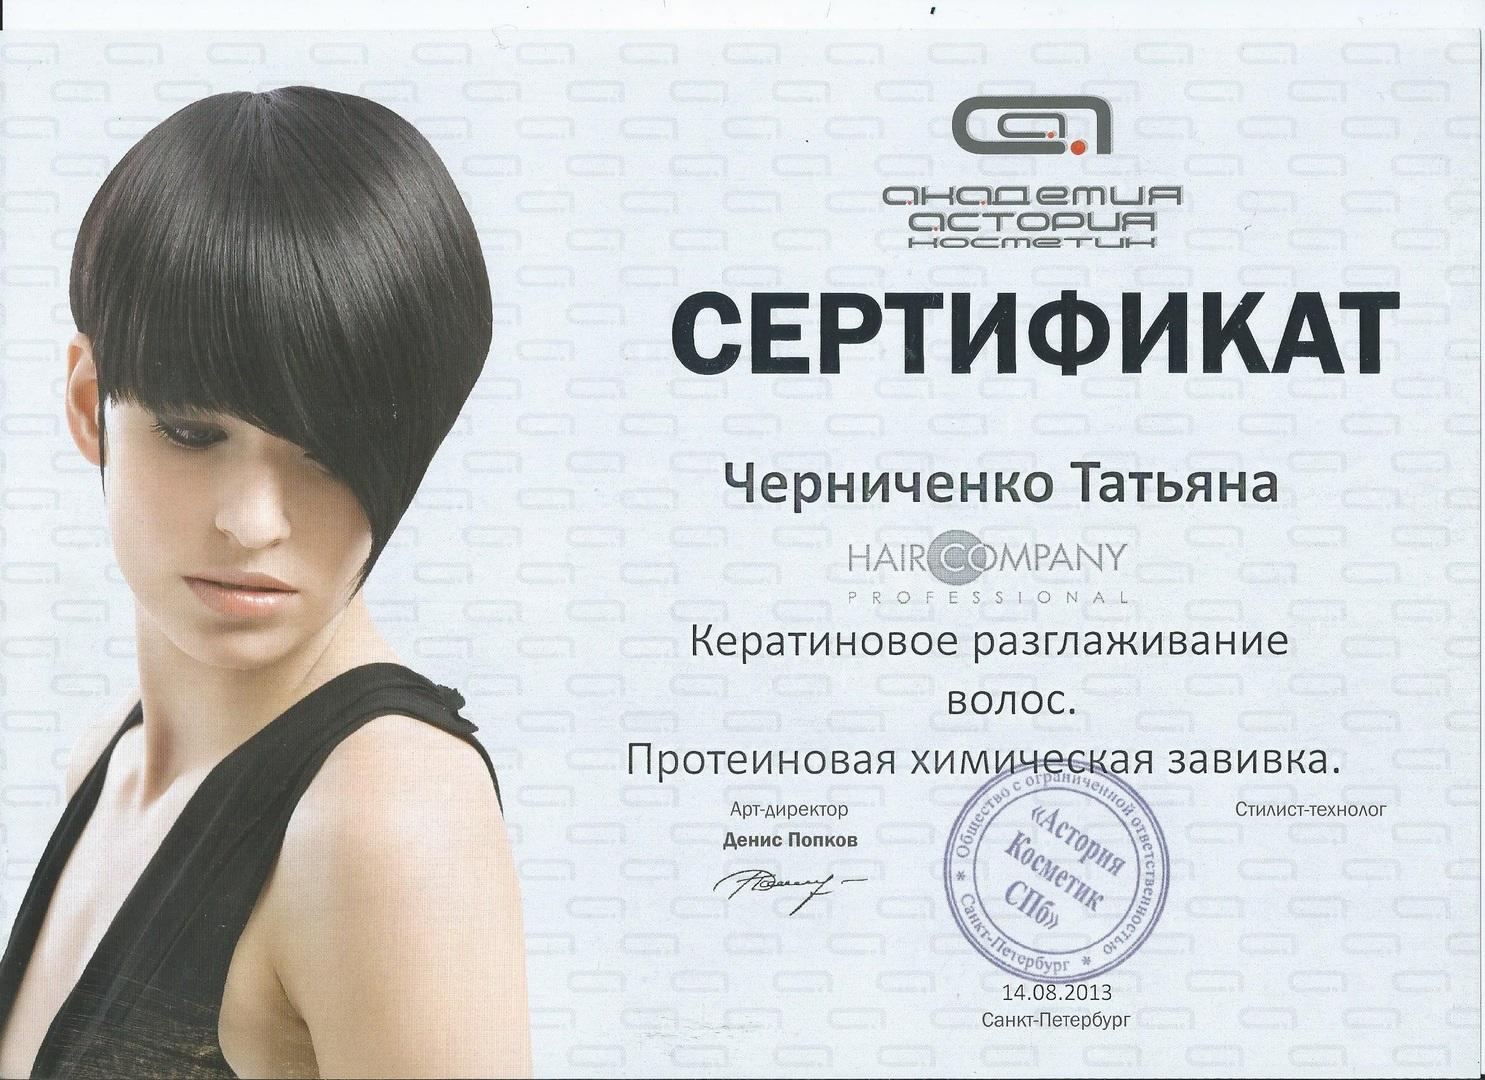 Диплом парикмахера образец По окончании курсов парикмахера выдается диплом государственного образца с присвоением квалификации согласно классификации Министерства образования